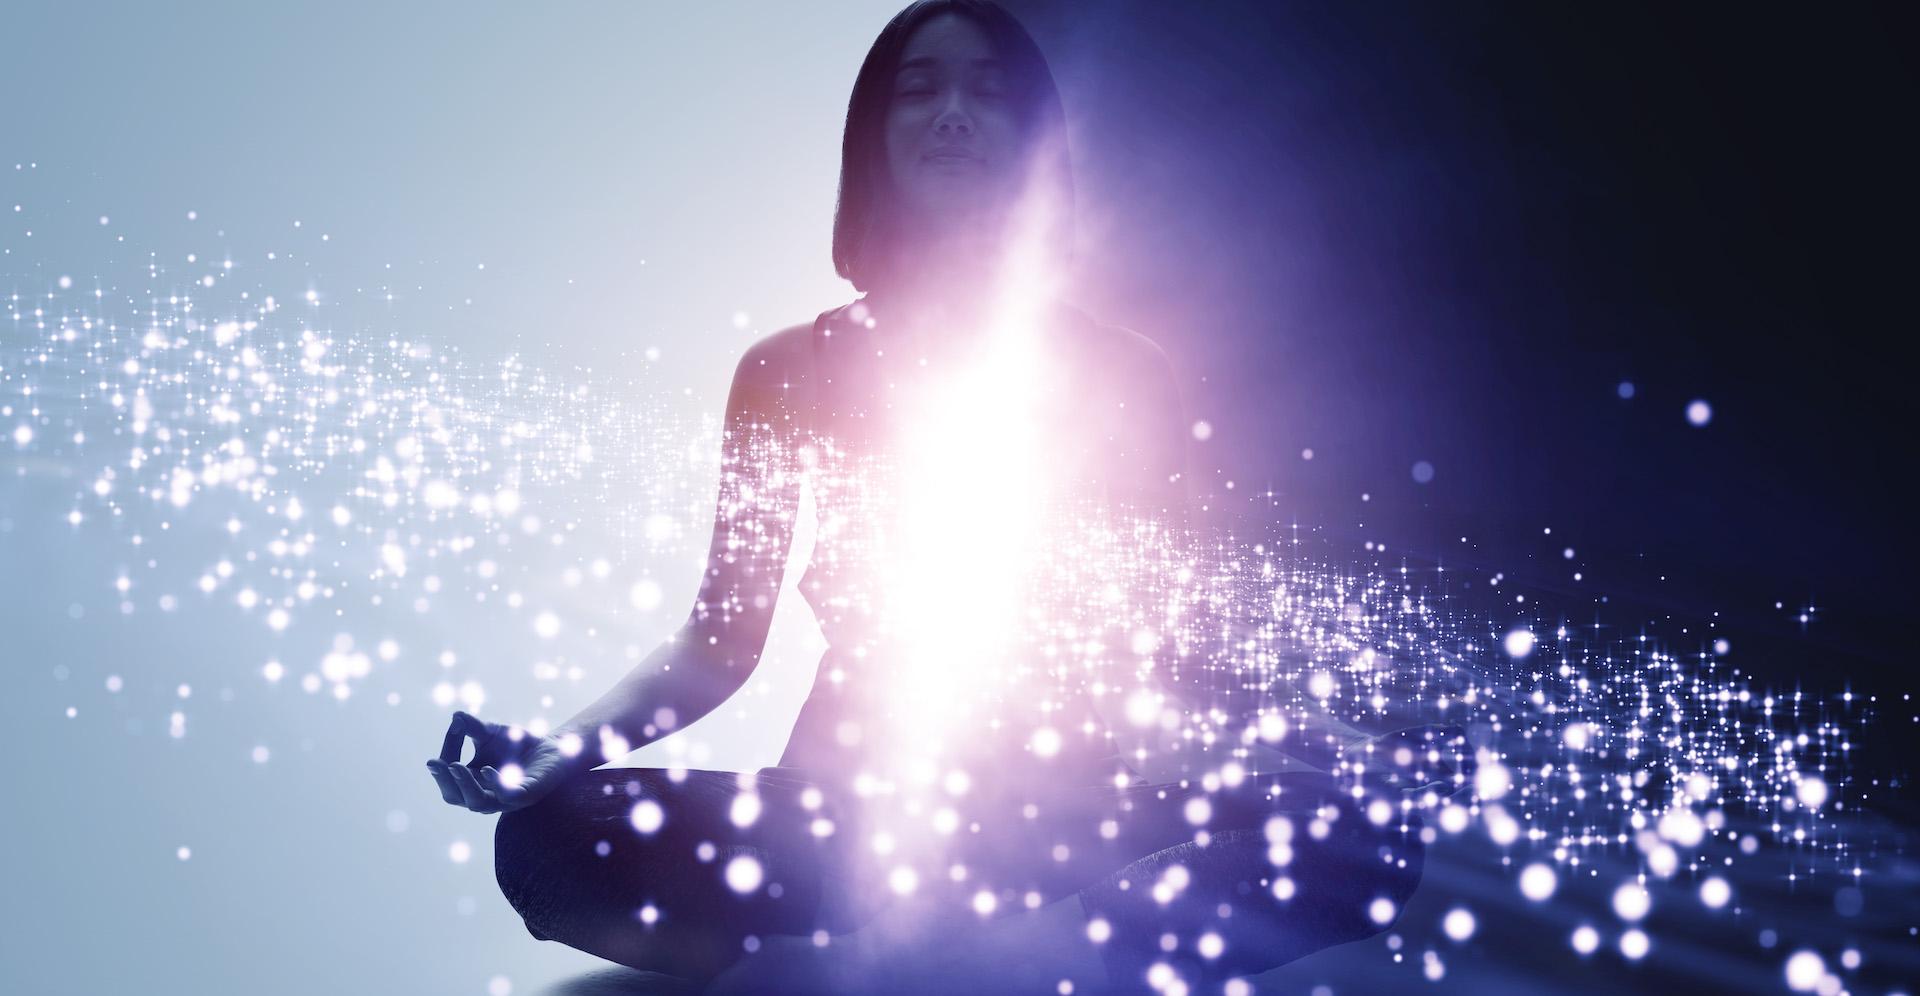 eine frau meditiert im Licht